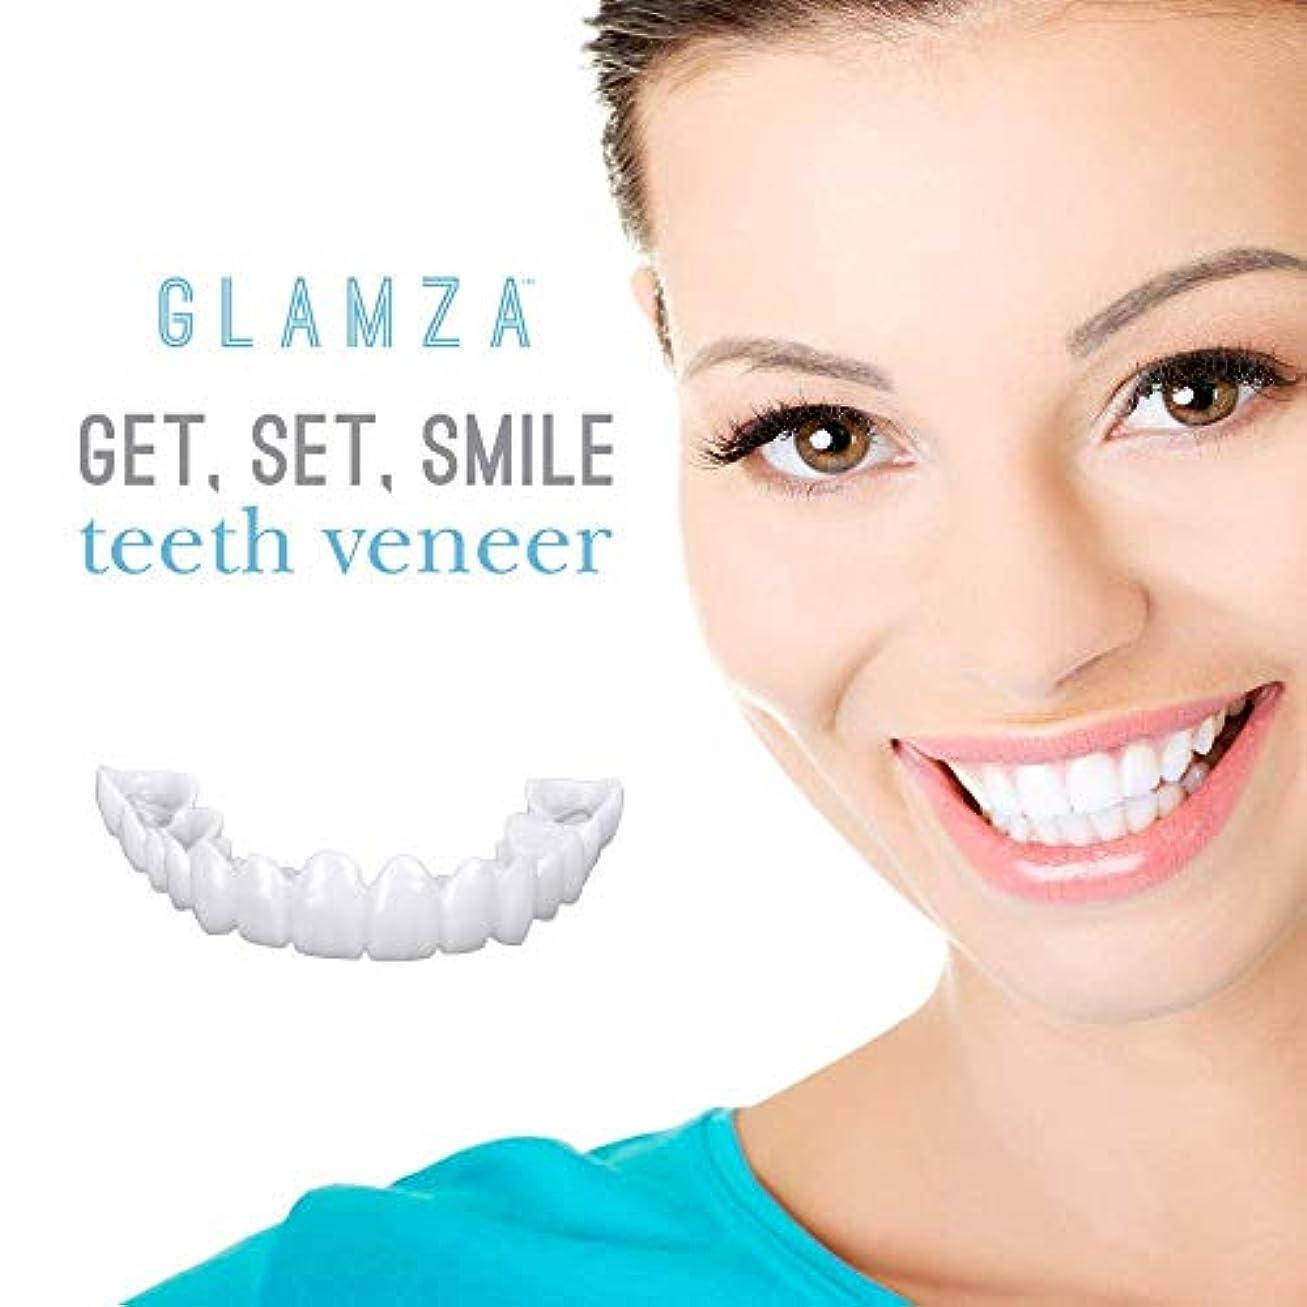 きょうだい不適切な払い戻し義歯上下義歯インスタントスマイルコンフォートフィットフレックスコスメティックティーストップ化粧品突き合わせ箱入り(下+上),2Pairs